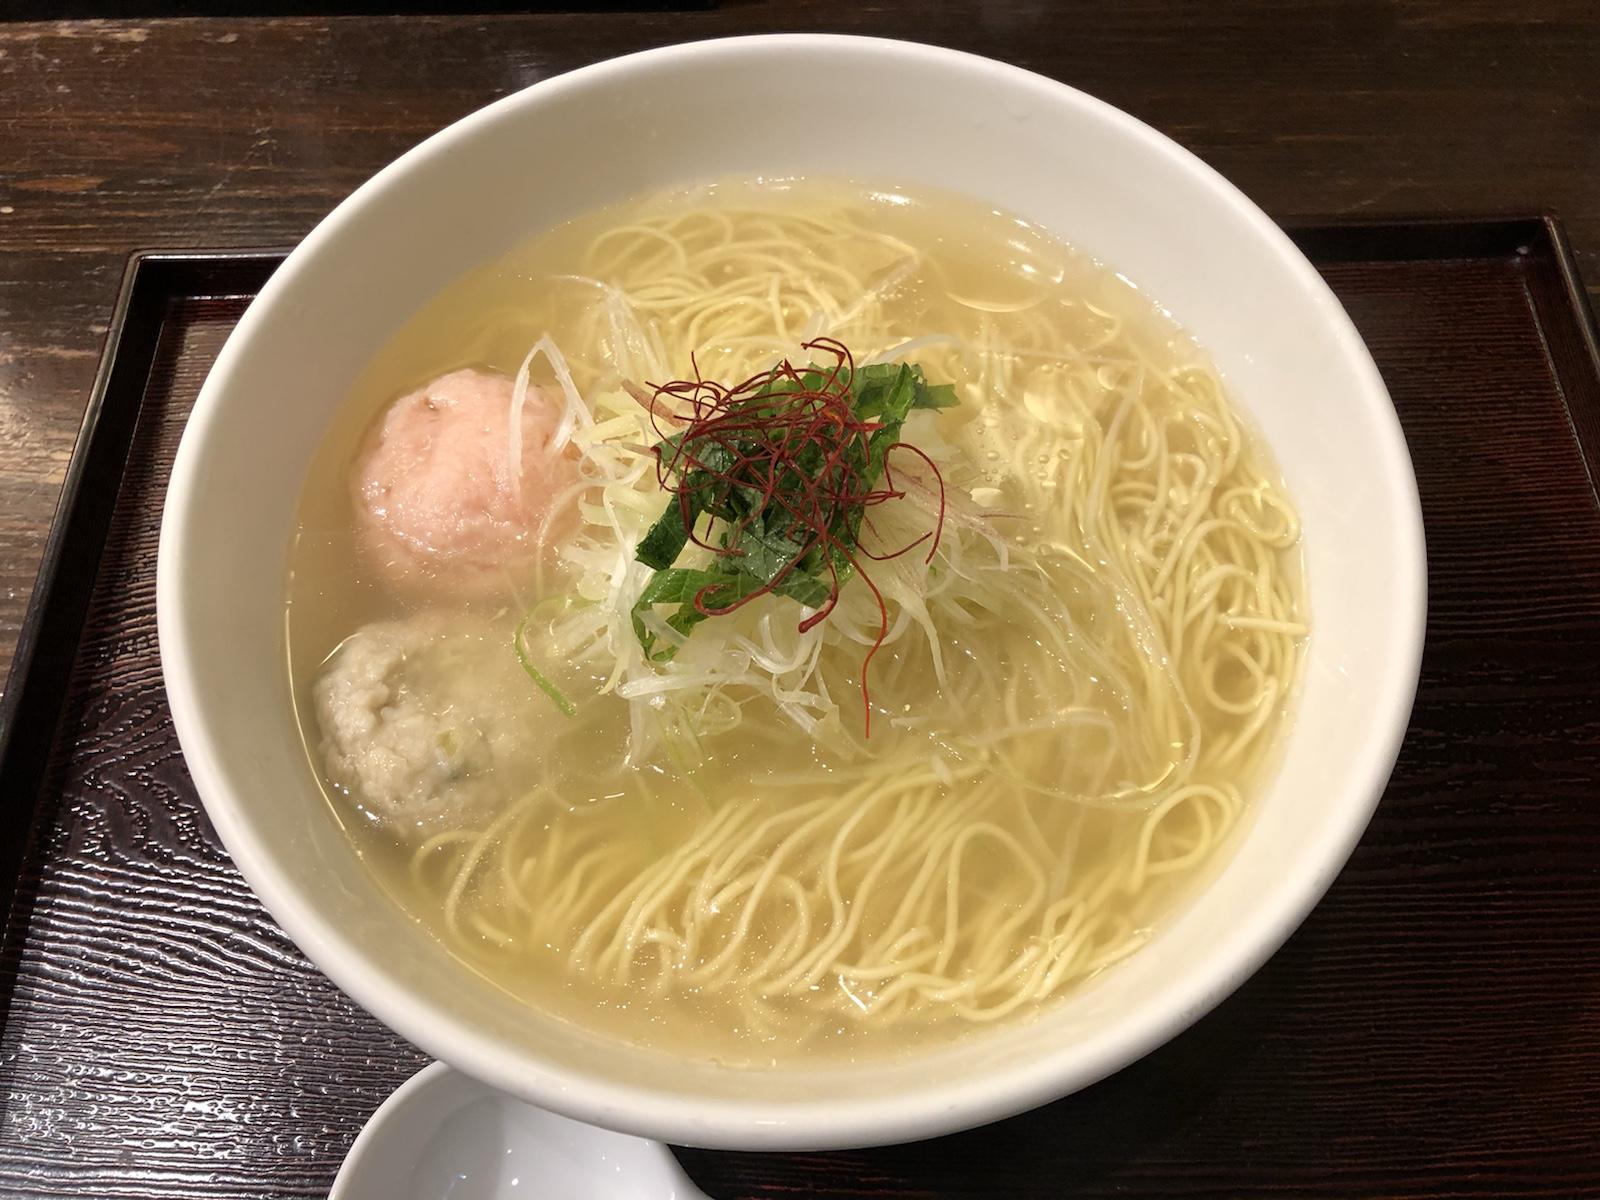 新鮮な魚のアラで毎日炊きあげる極上塩スープ!新宿「麺屋海神」